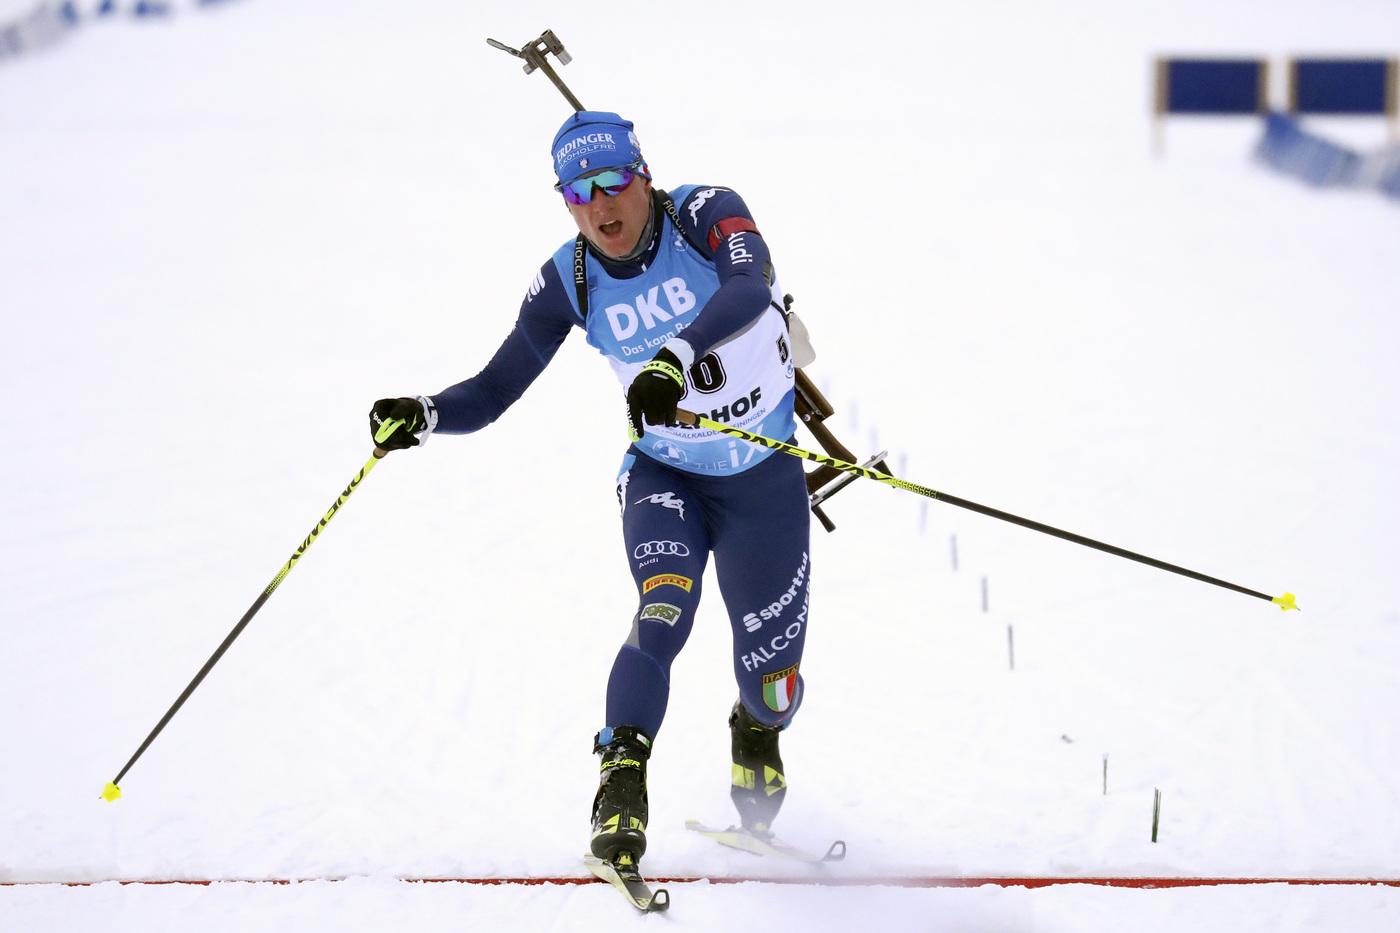 LIVE Biathlon, 20 km Anterselva in DIRETTA: norvegesi e francesi protagonisti! Un errore per Hofer al primo poligono